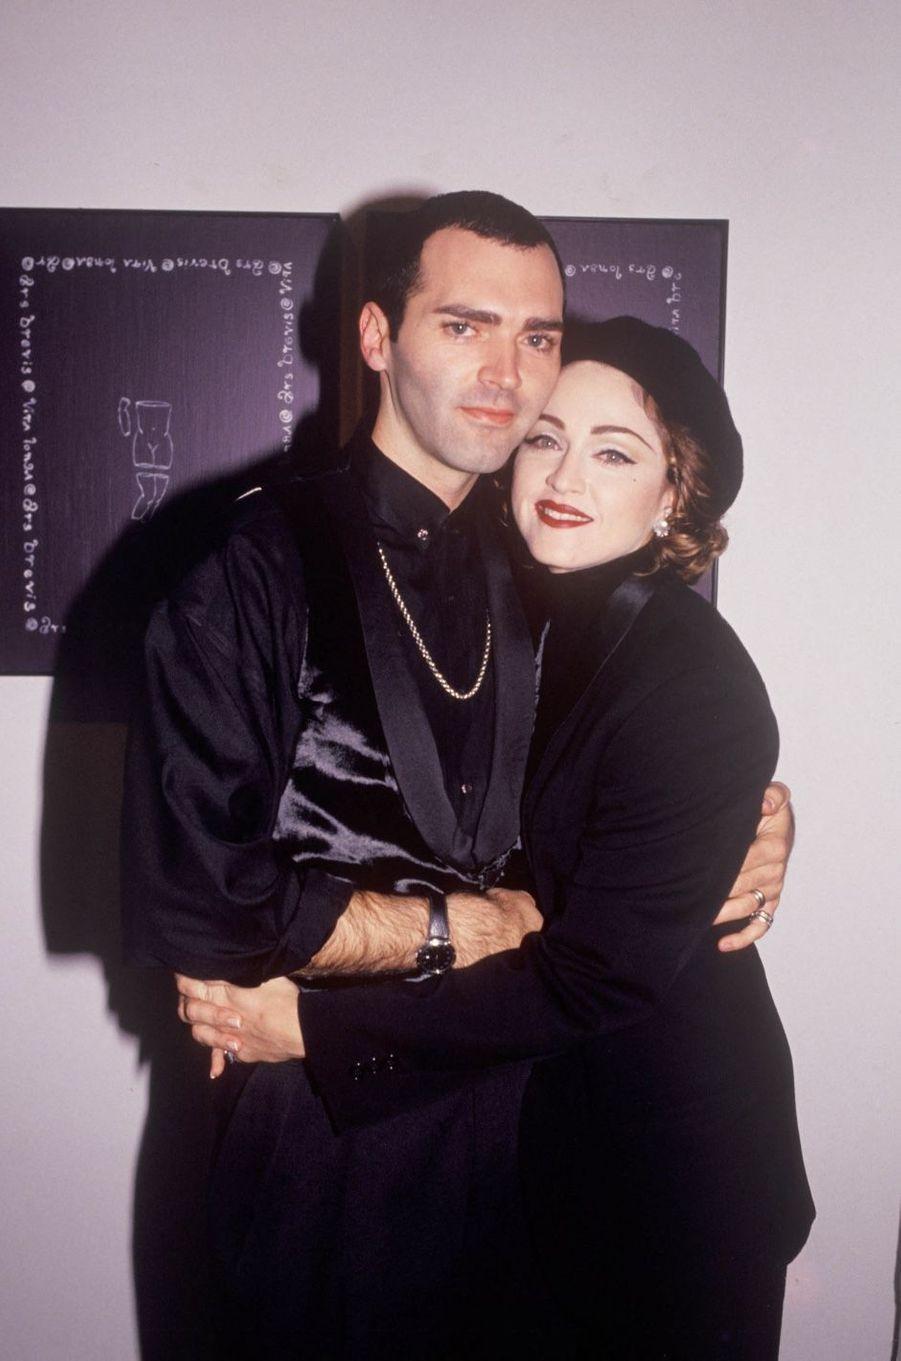 """Christopher Ciccone a commencé sa carrière en tant qu'assistant de sa soeur Madonna, puis son styliste, puis son danseur mais aussi son décorateur, afin de terminer en temps que directeur artistique. Il est longtemps resté à la direction de ses spectacles et de ses albums. En 2008, il a écrit un livre """"Ma vie avec ma soeur Madonna"""" dans lequel il regrette les années passées à protéger bien trop souvent sa soeur."""